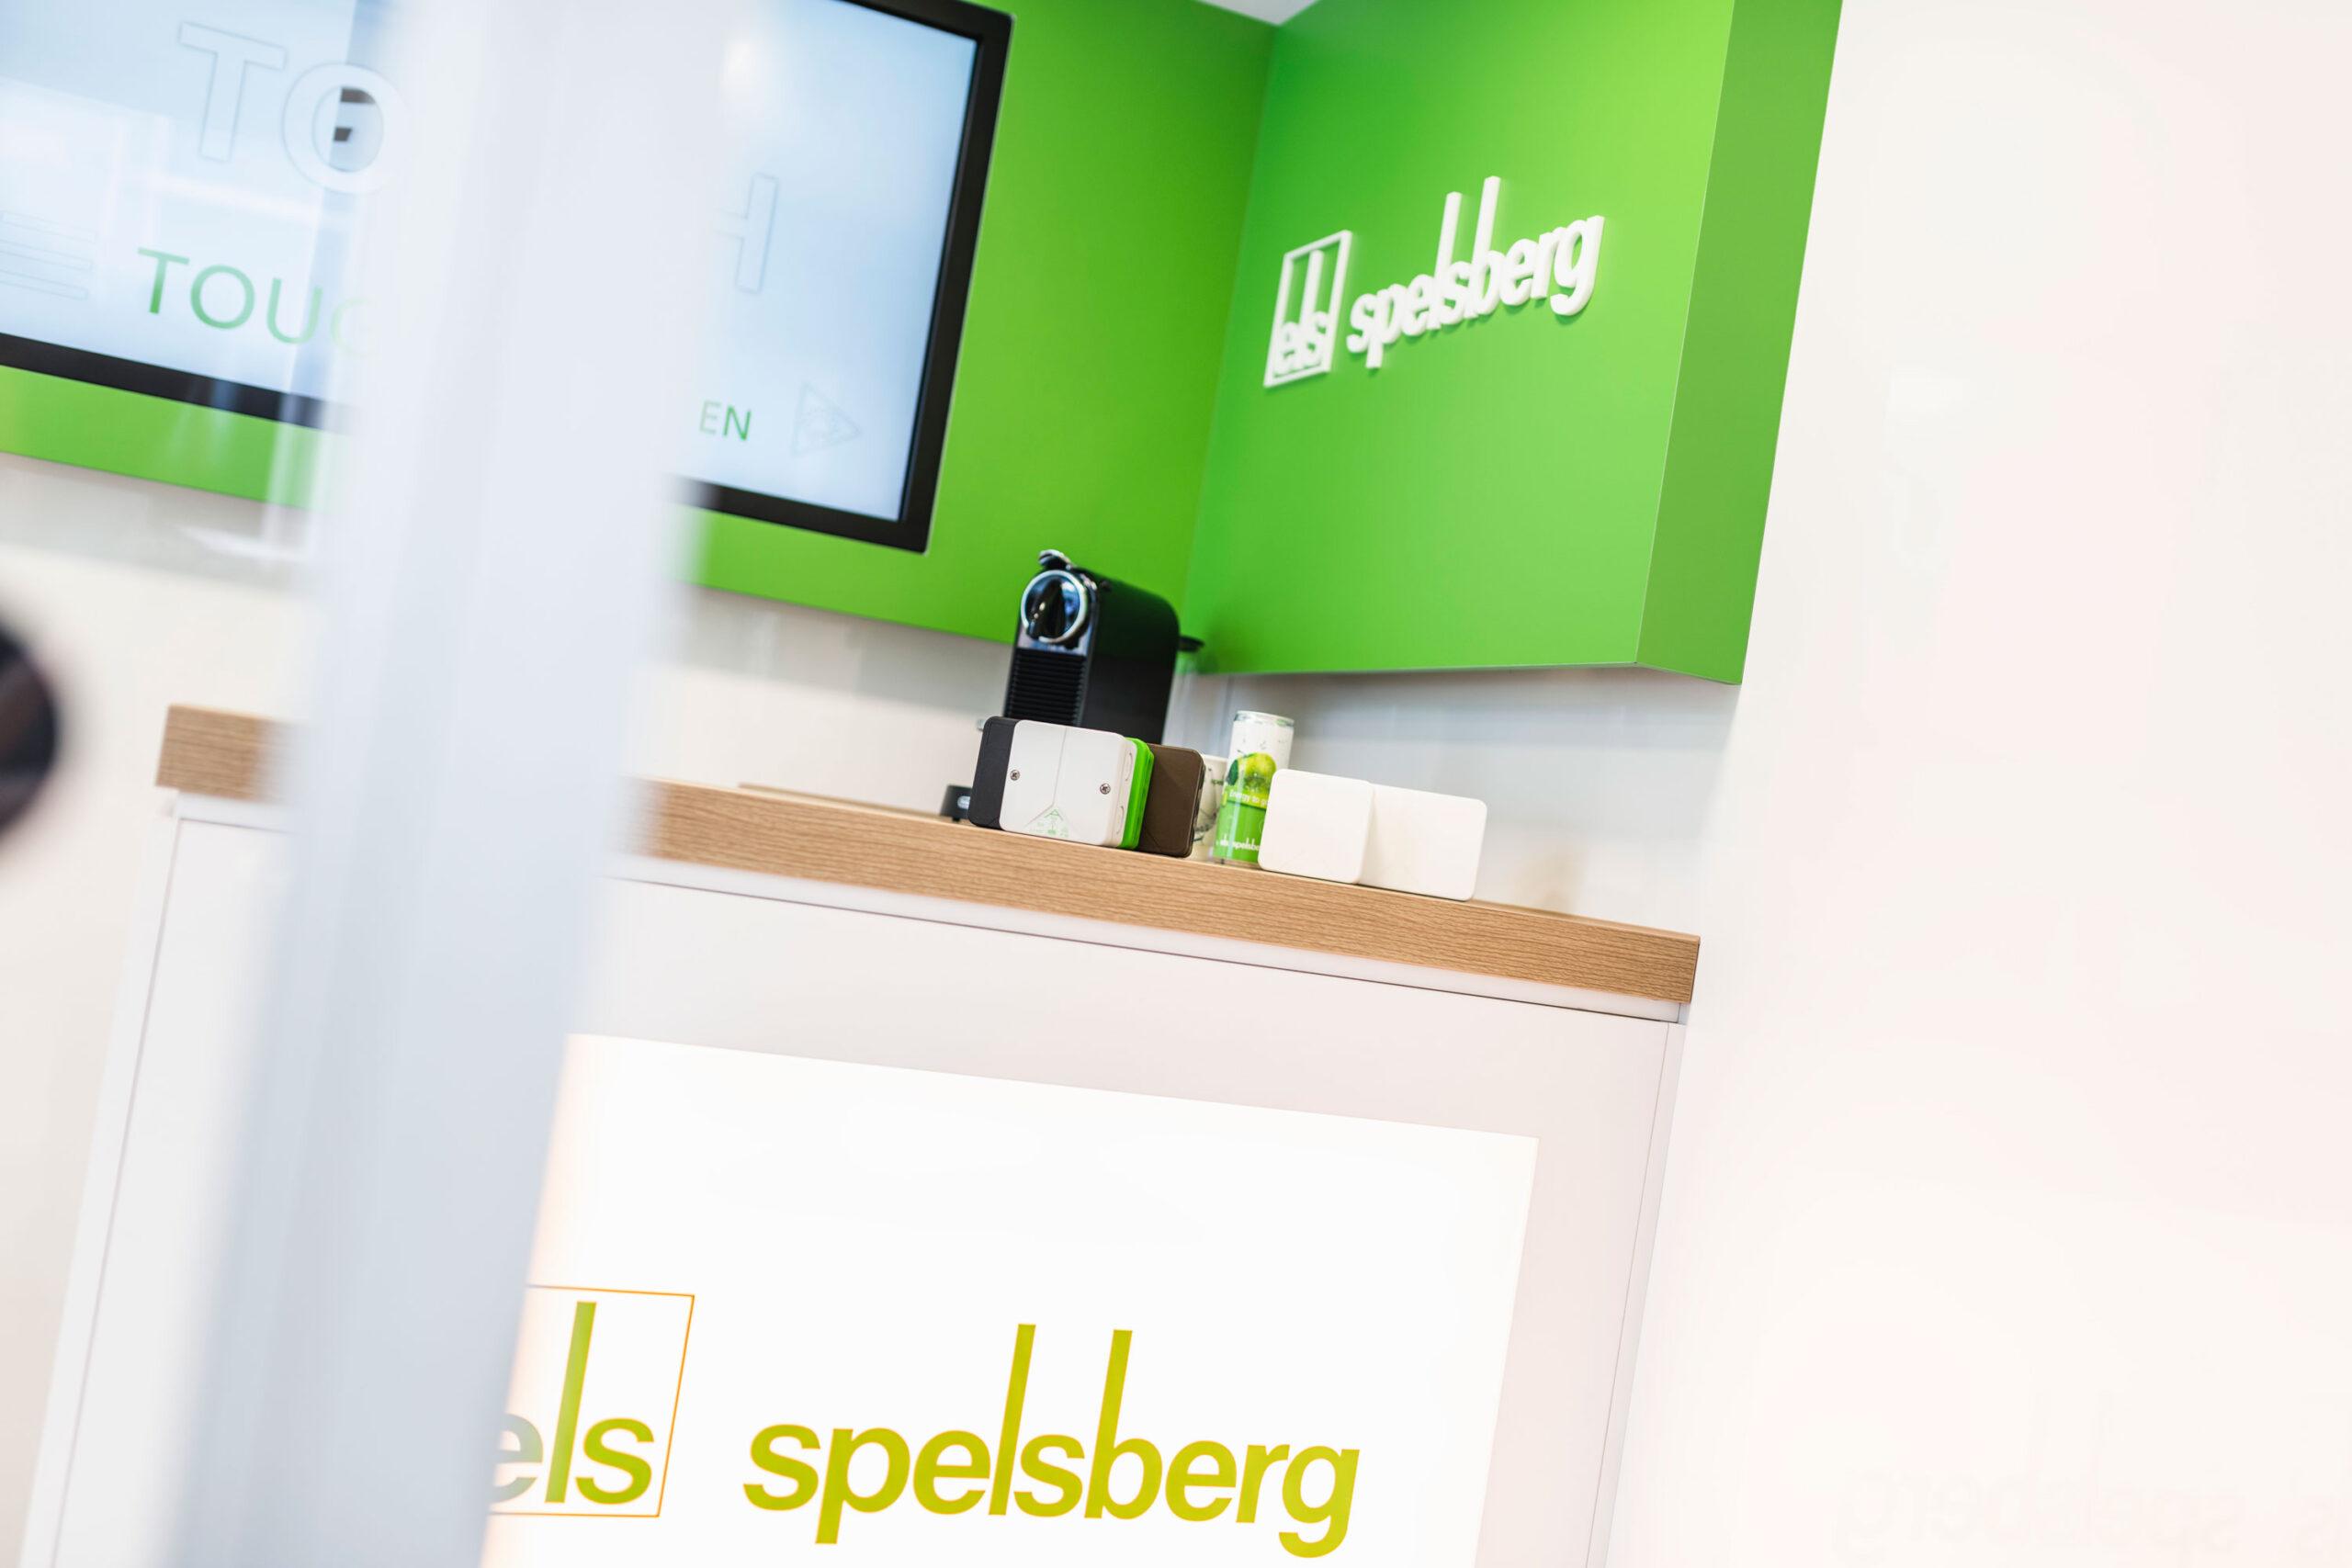 AKF_Spelsberg_Mobil_OnTour-0011_Web